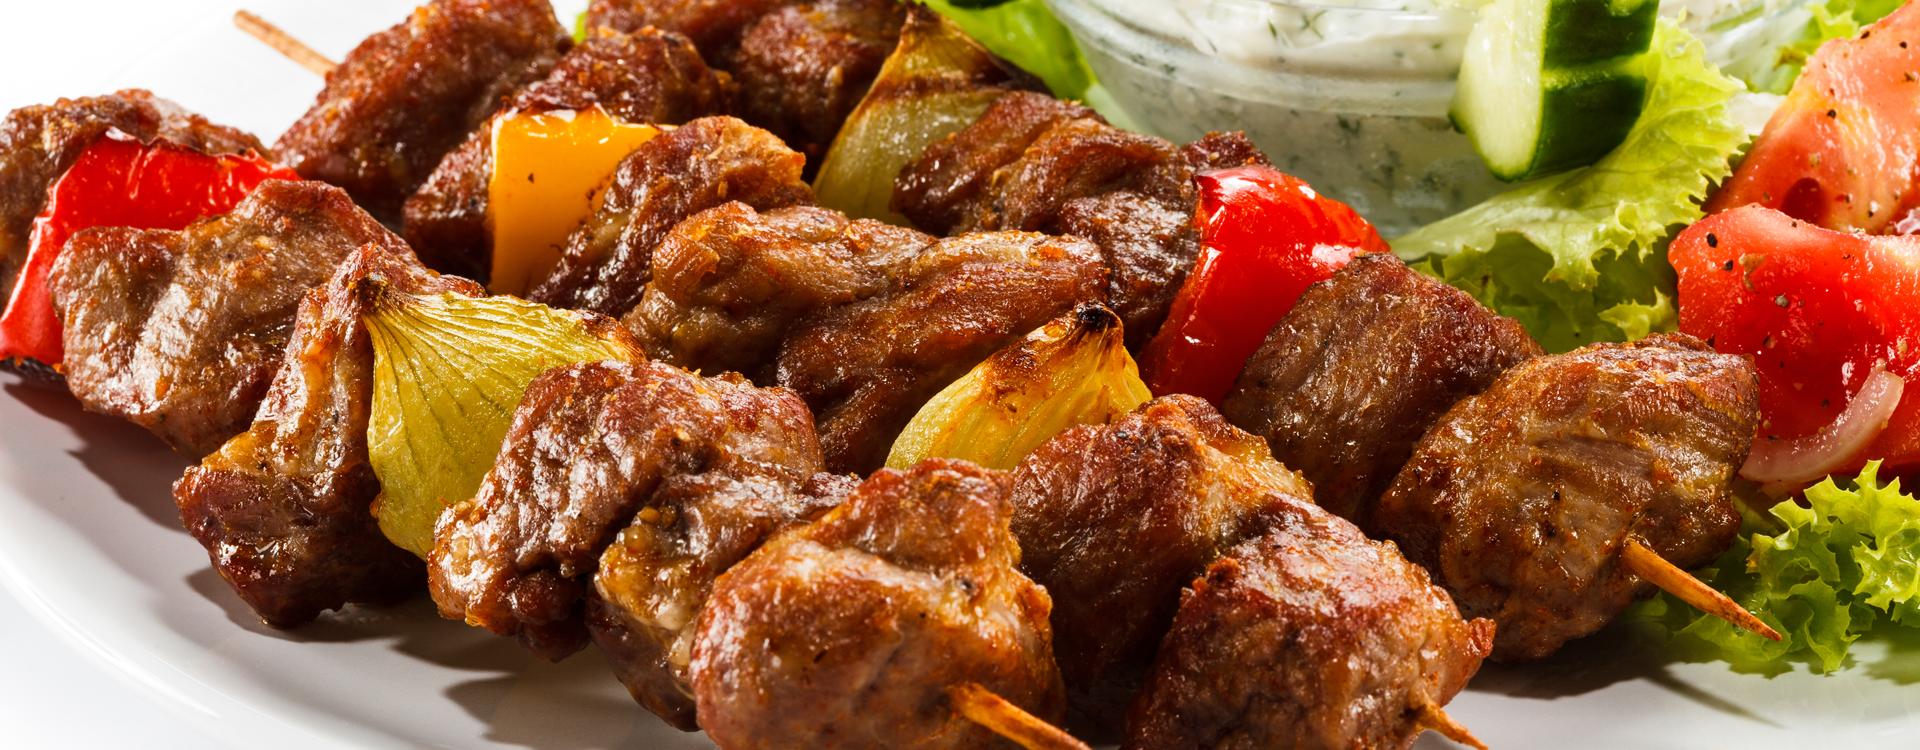 Шашлык кавказский из свинины рецепт с пошагово